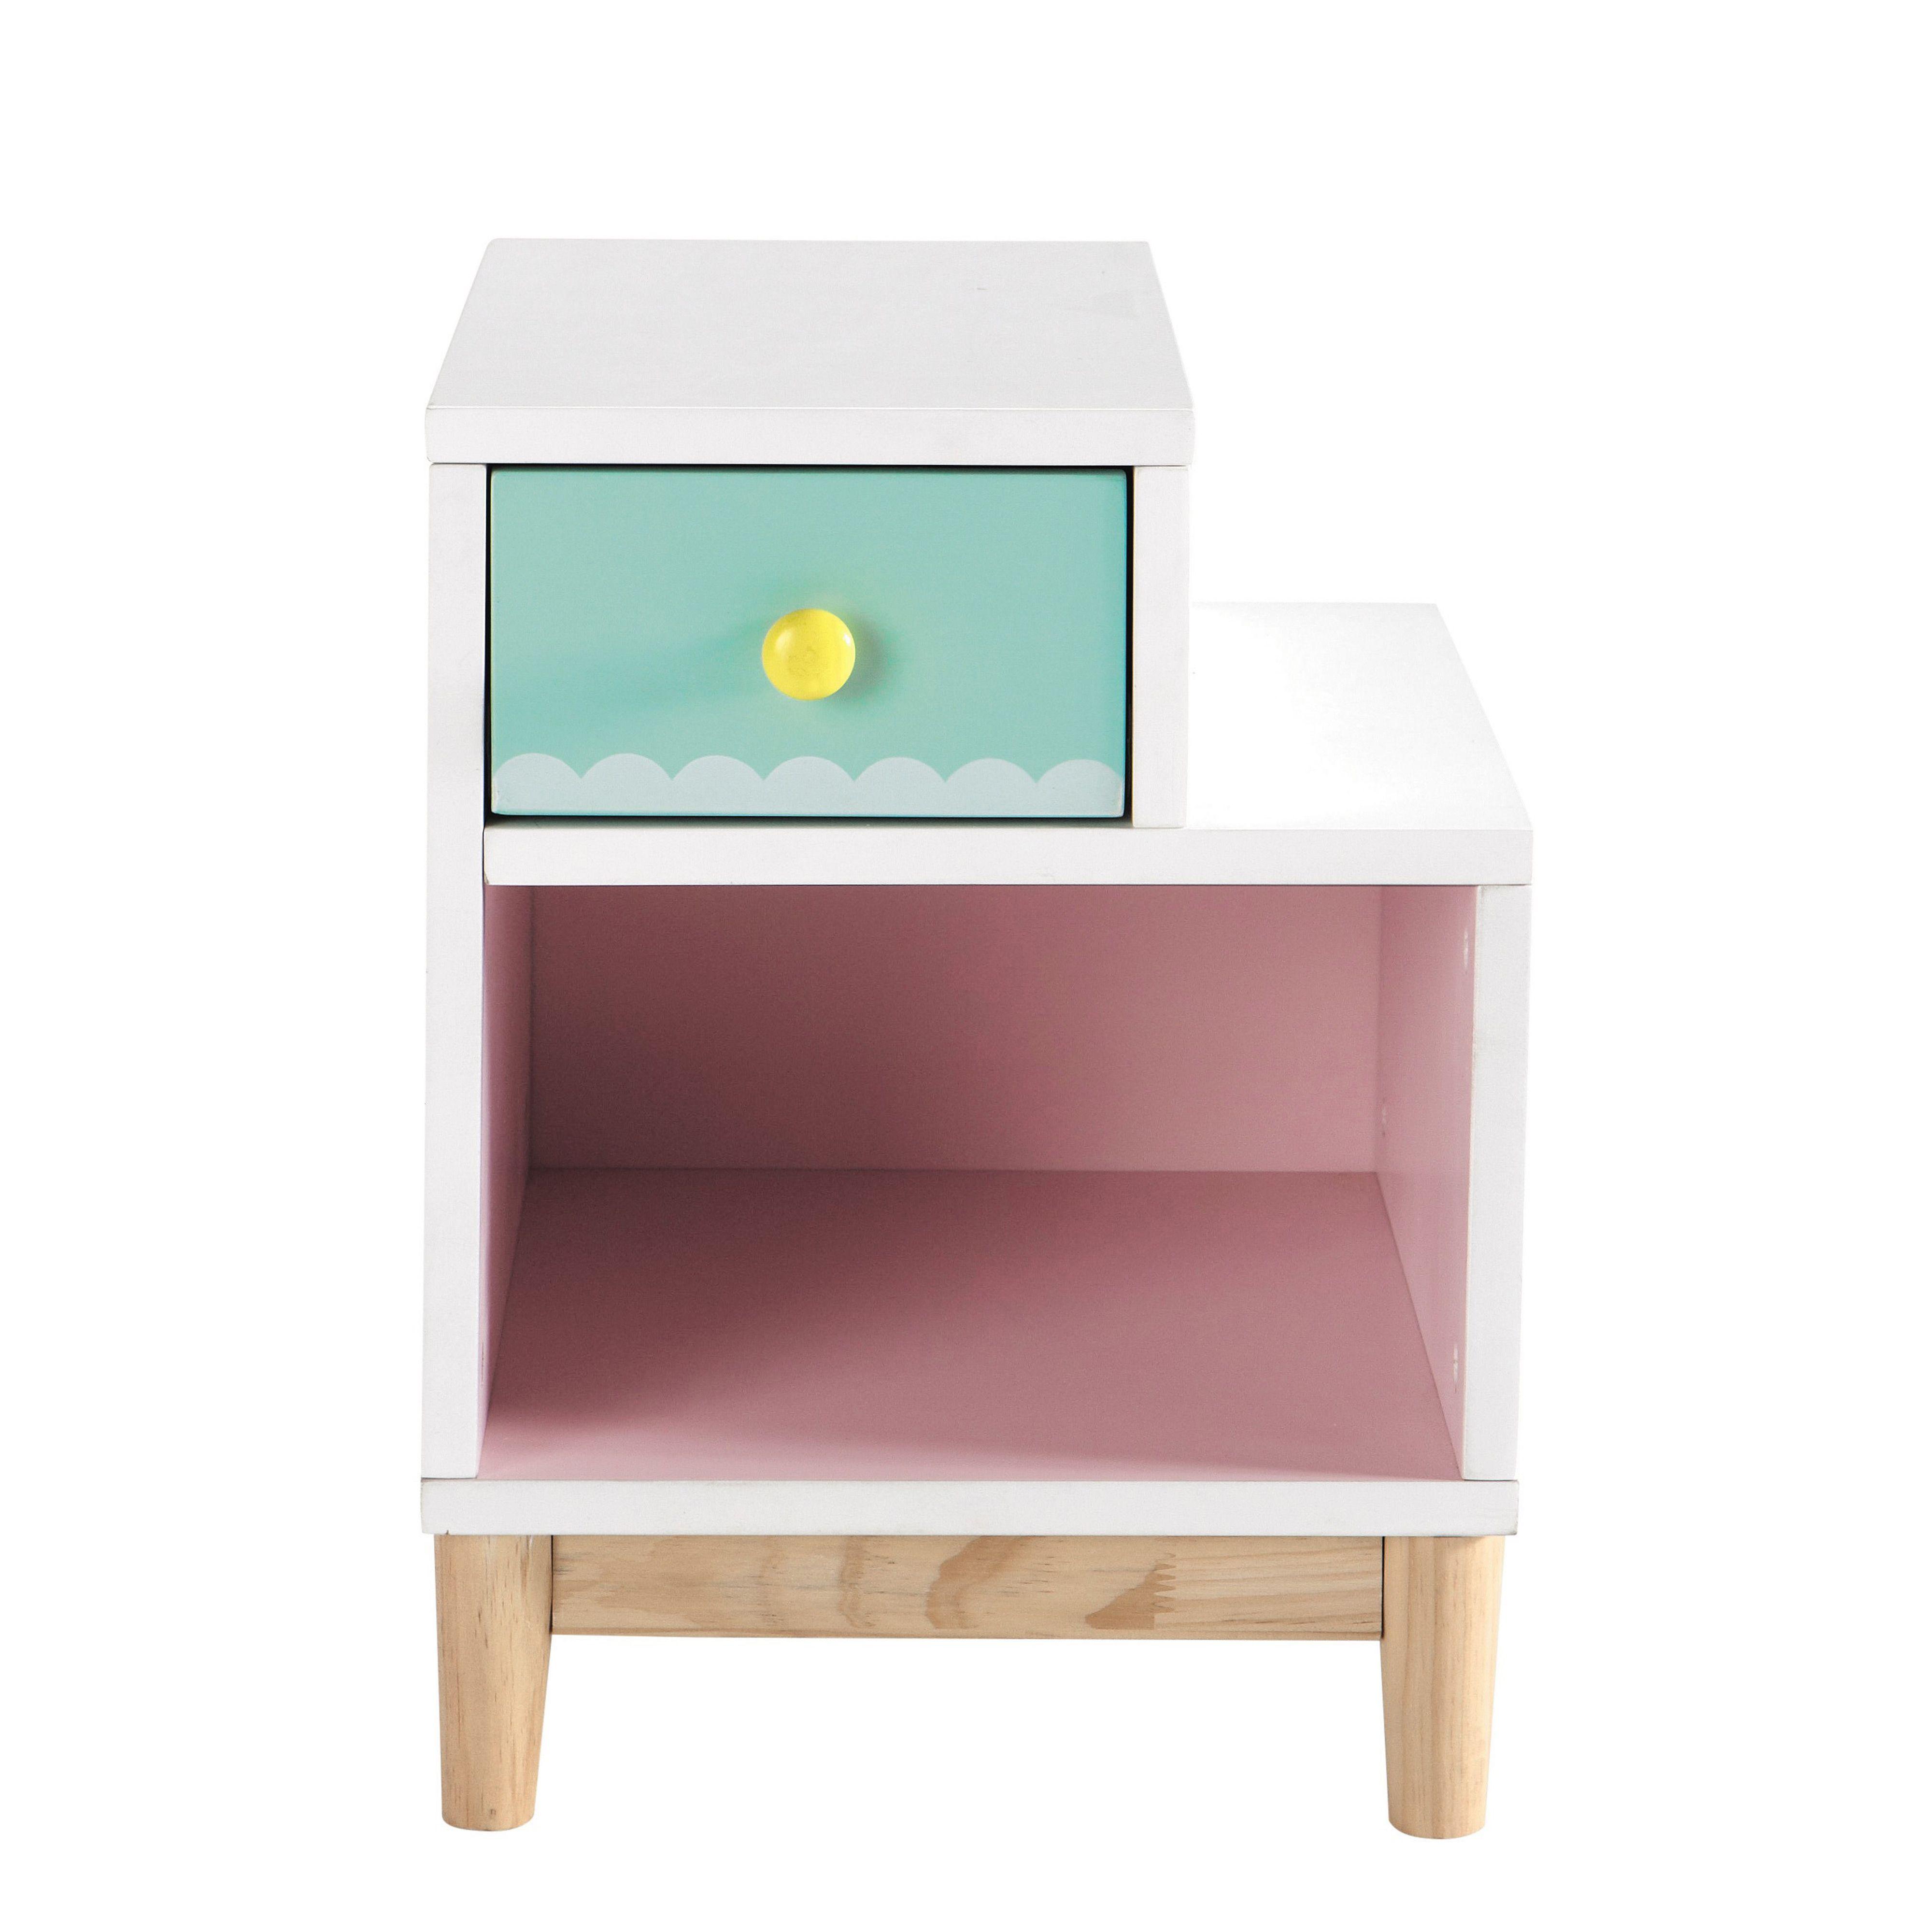 Table de chevet enfant en bois rose L 40 cm Berlingot | Chambre ...